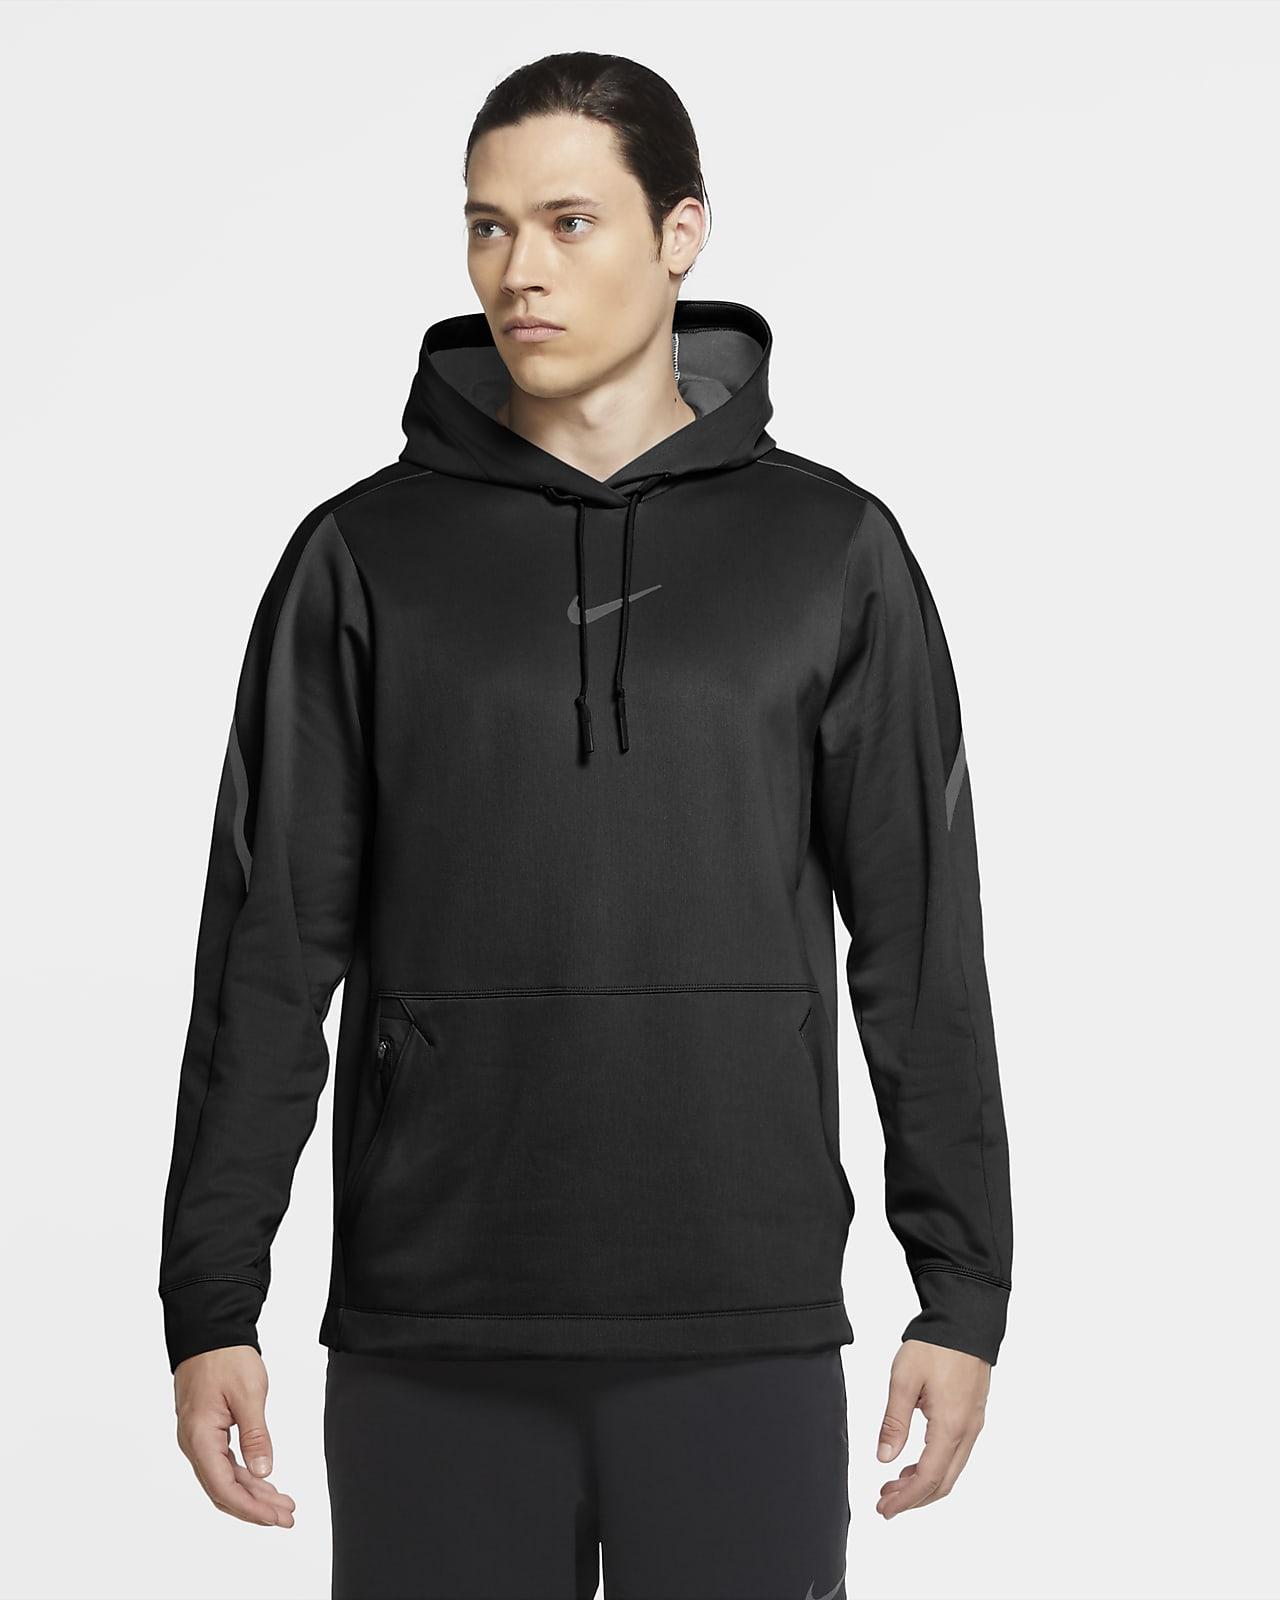 Felpa pullover con cappuccio Nike Pro - Uomo